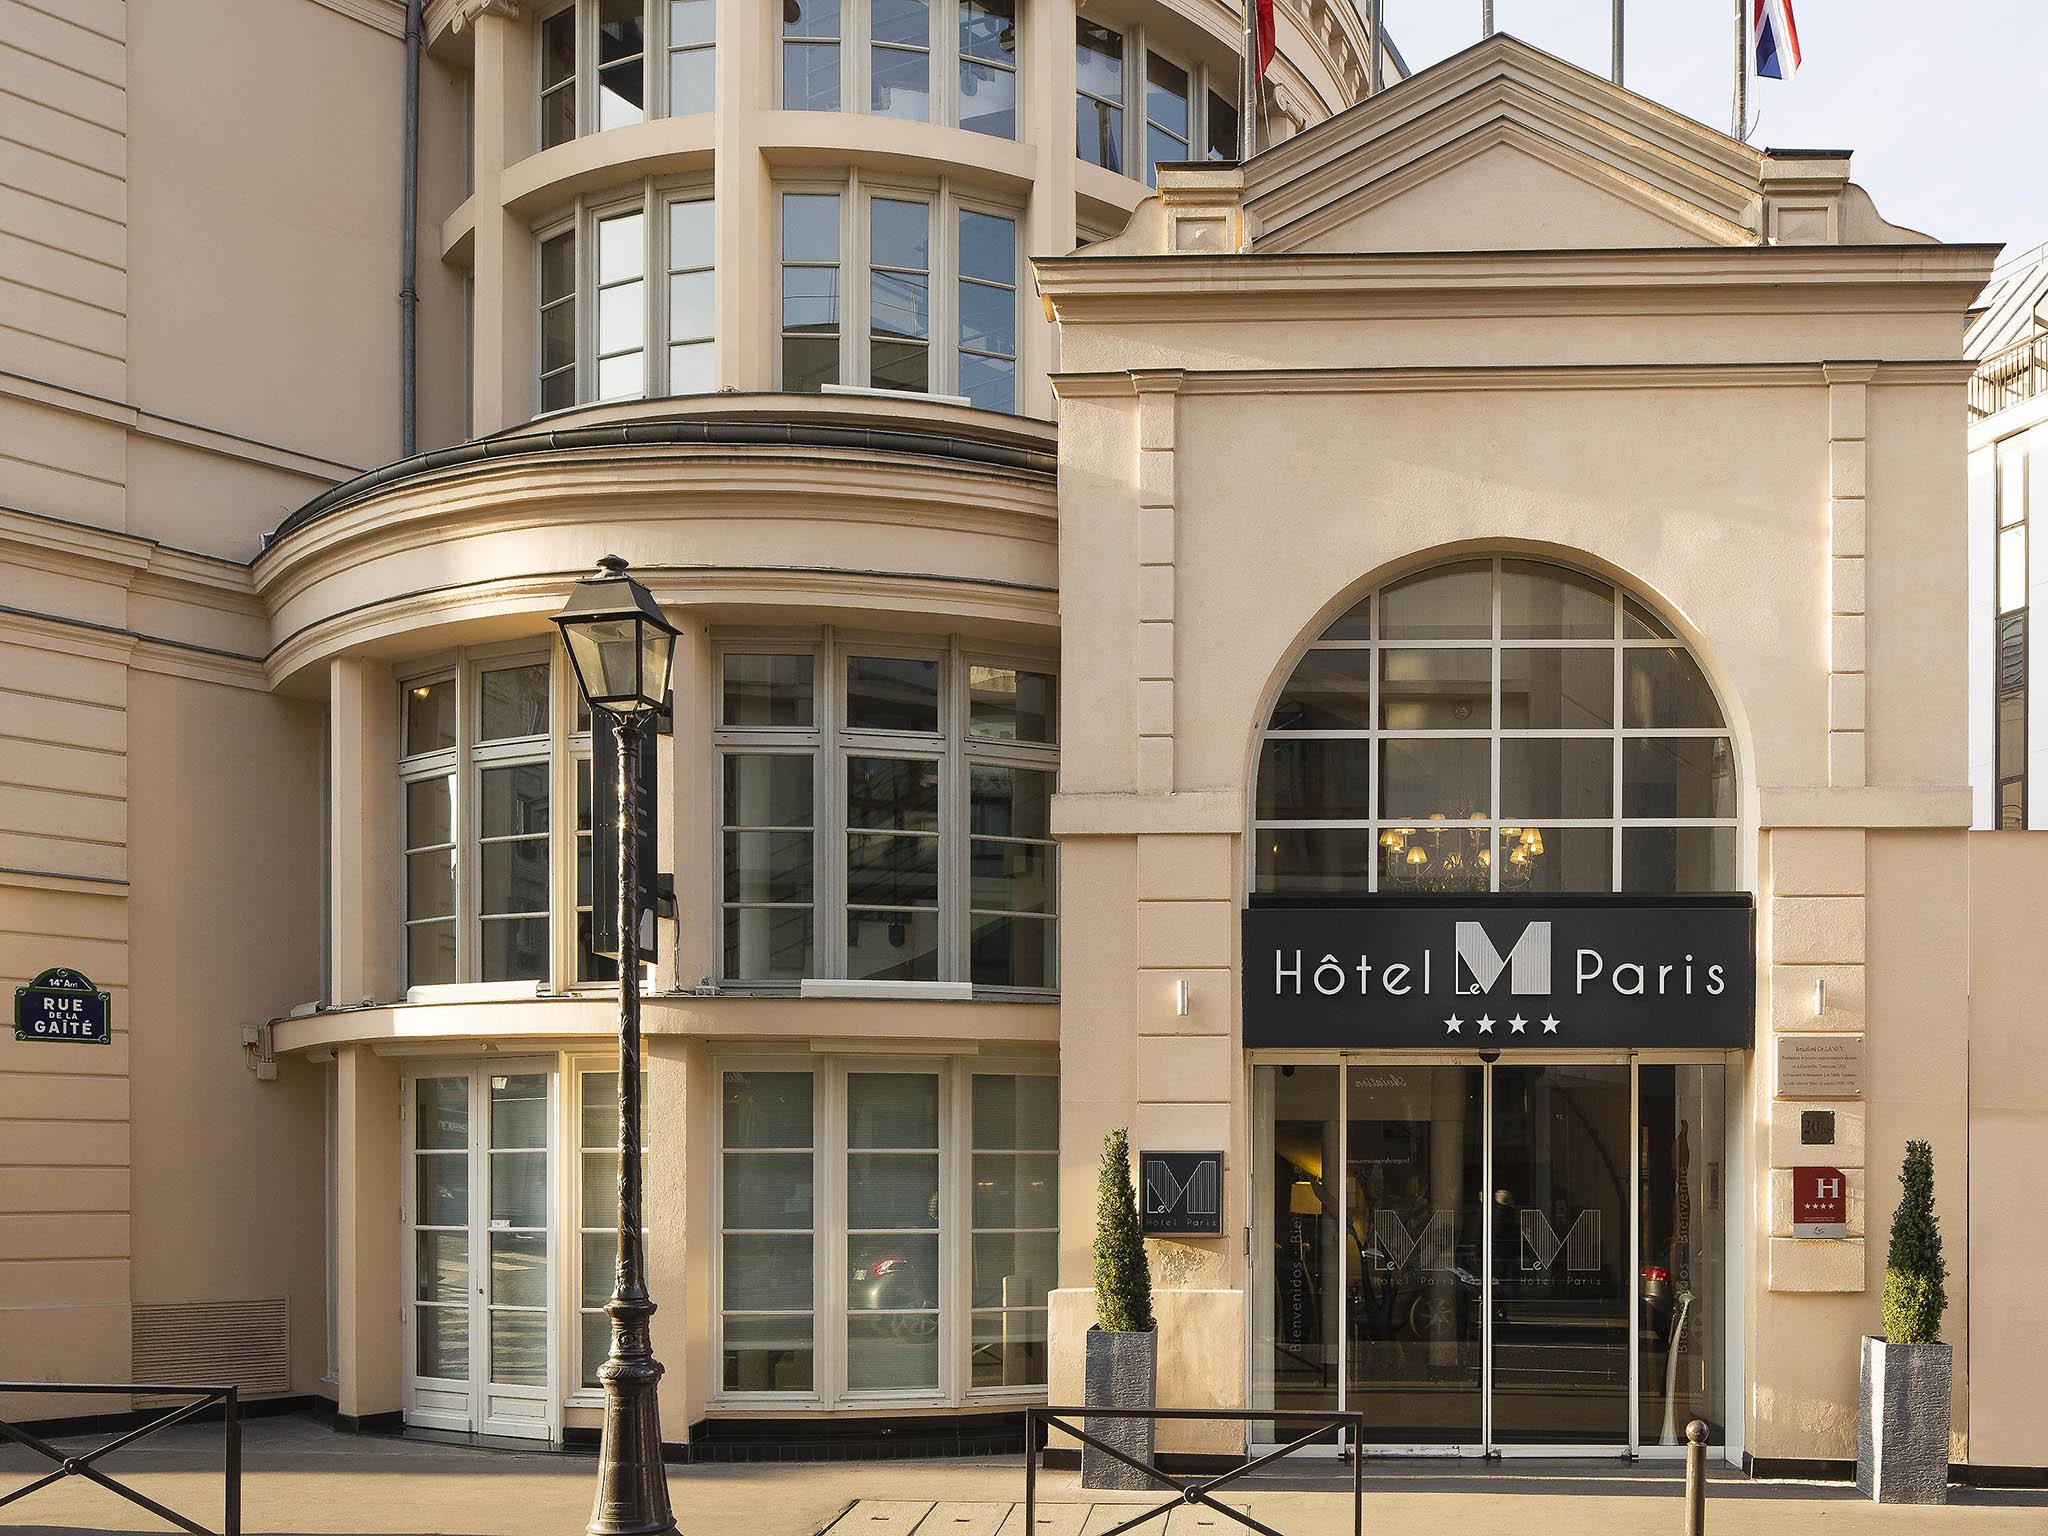 Hotel in paris h tel le m paris for Hotel im paris